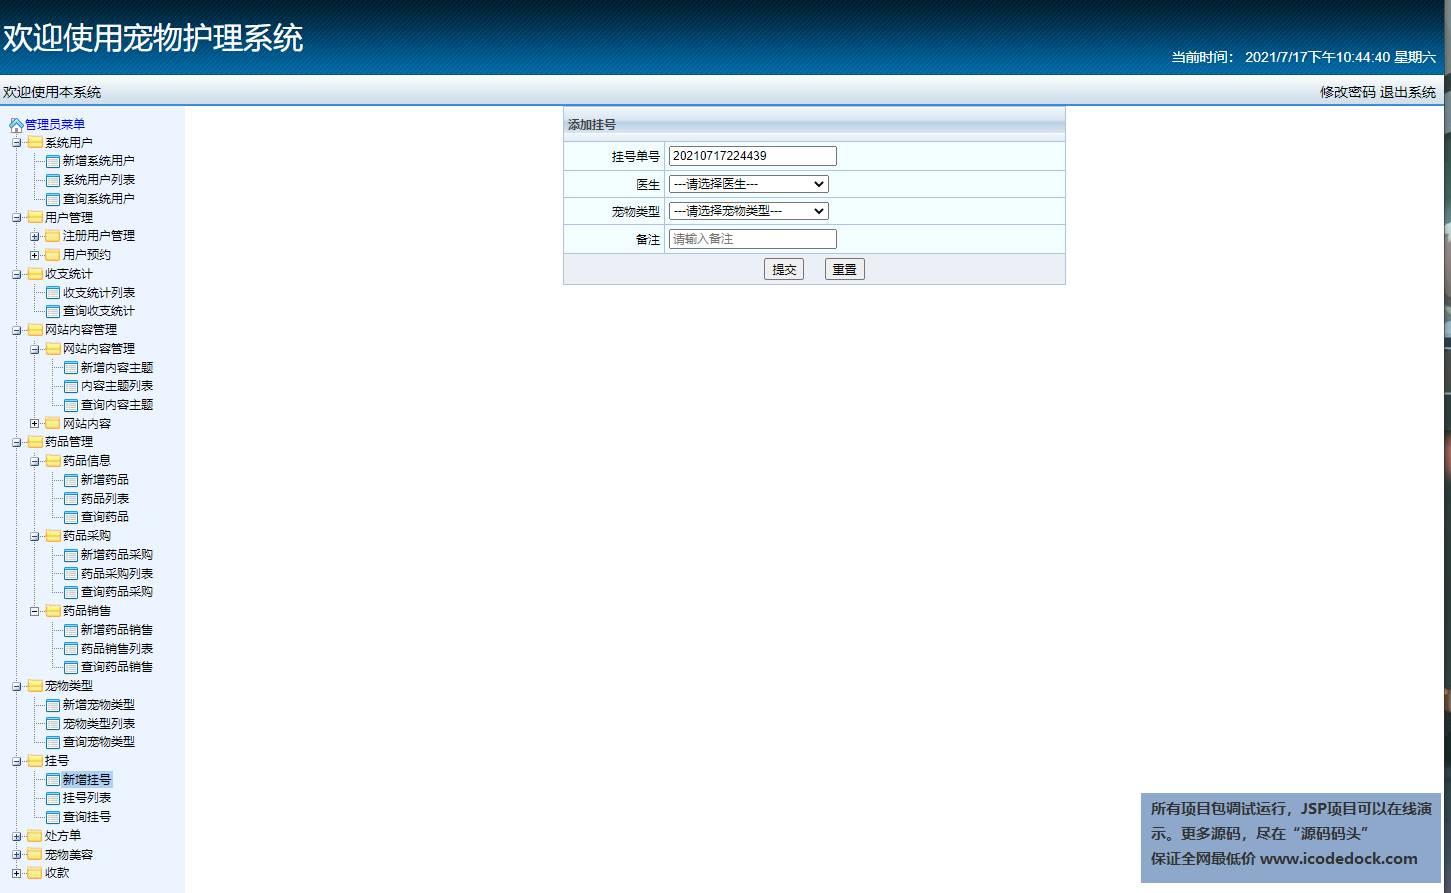 源码码头-SSH实现的一个在线宠物医院-管理员角色-挂号管理